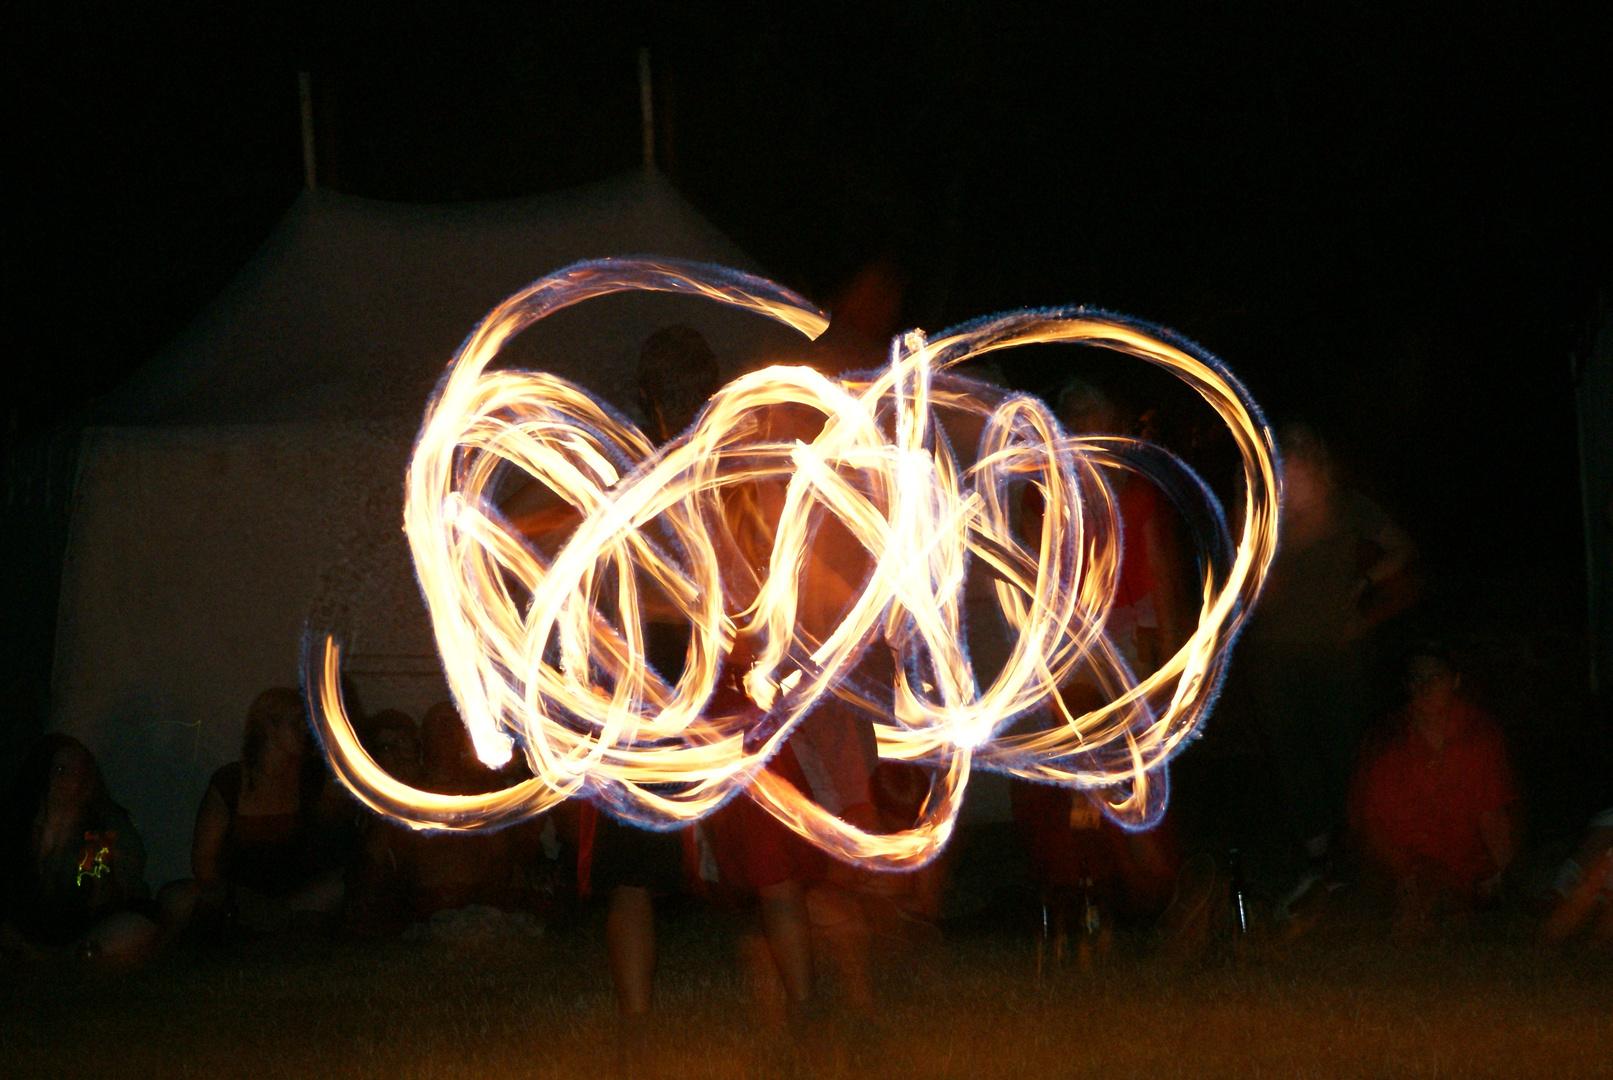 Feuerwirwar